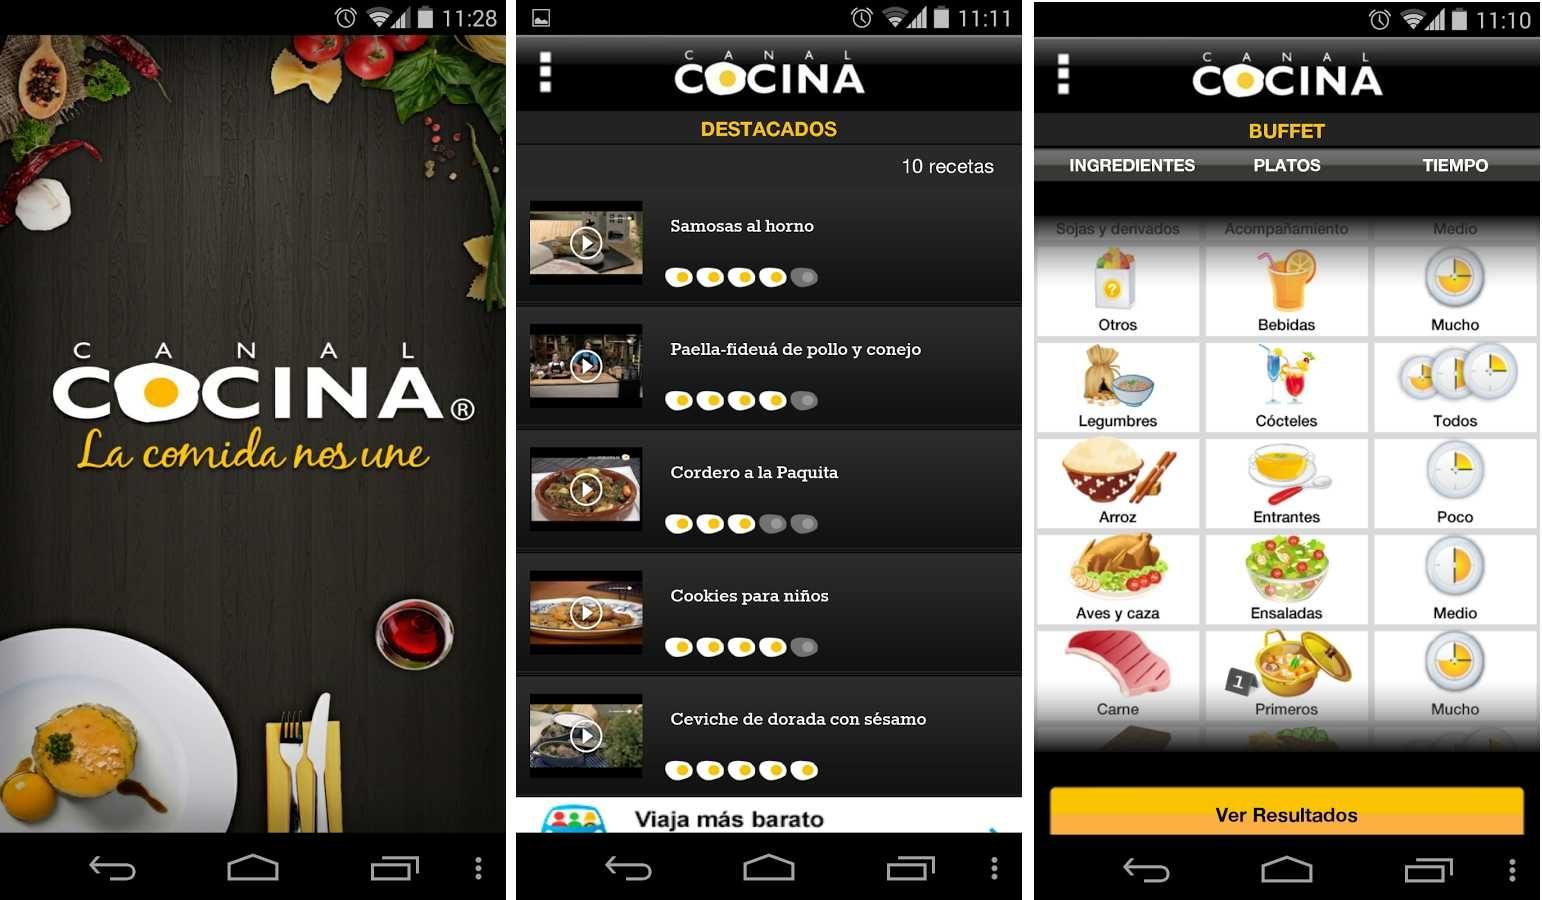 Las 6 mejores aplicaciones android de recetas de cocina for Programa de cocinas gratis